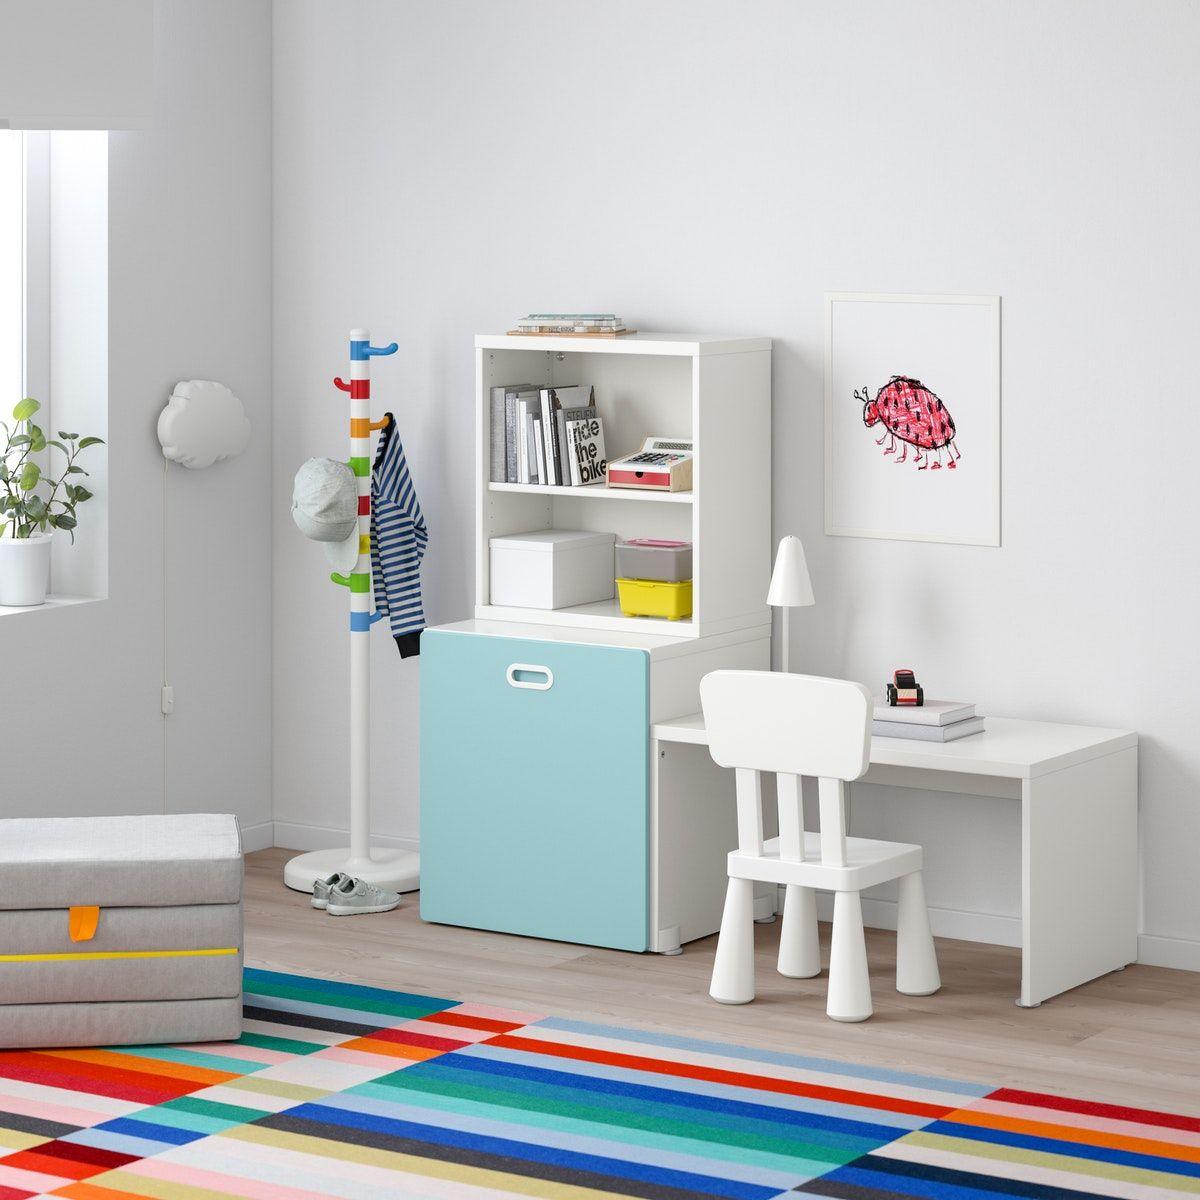 Stuva Kombinacije In 2020 Ikea Stuva Ikea Toy Storage